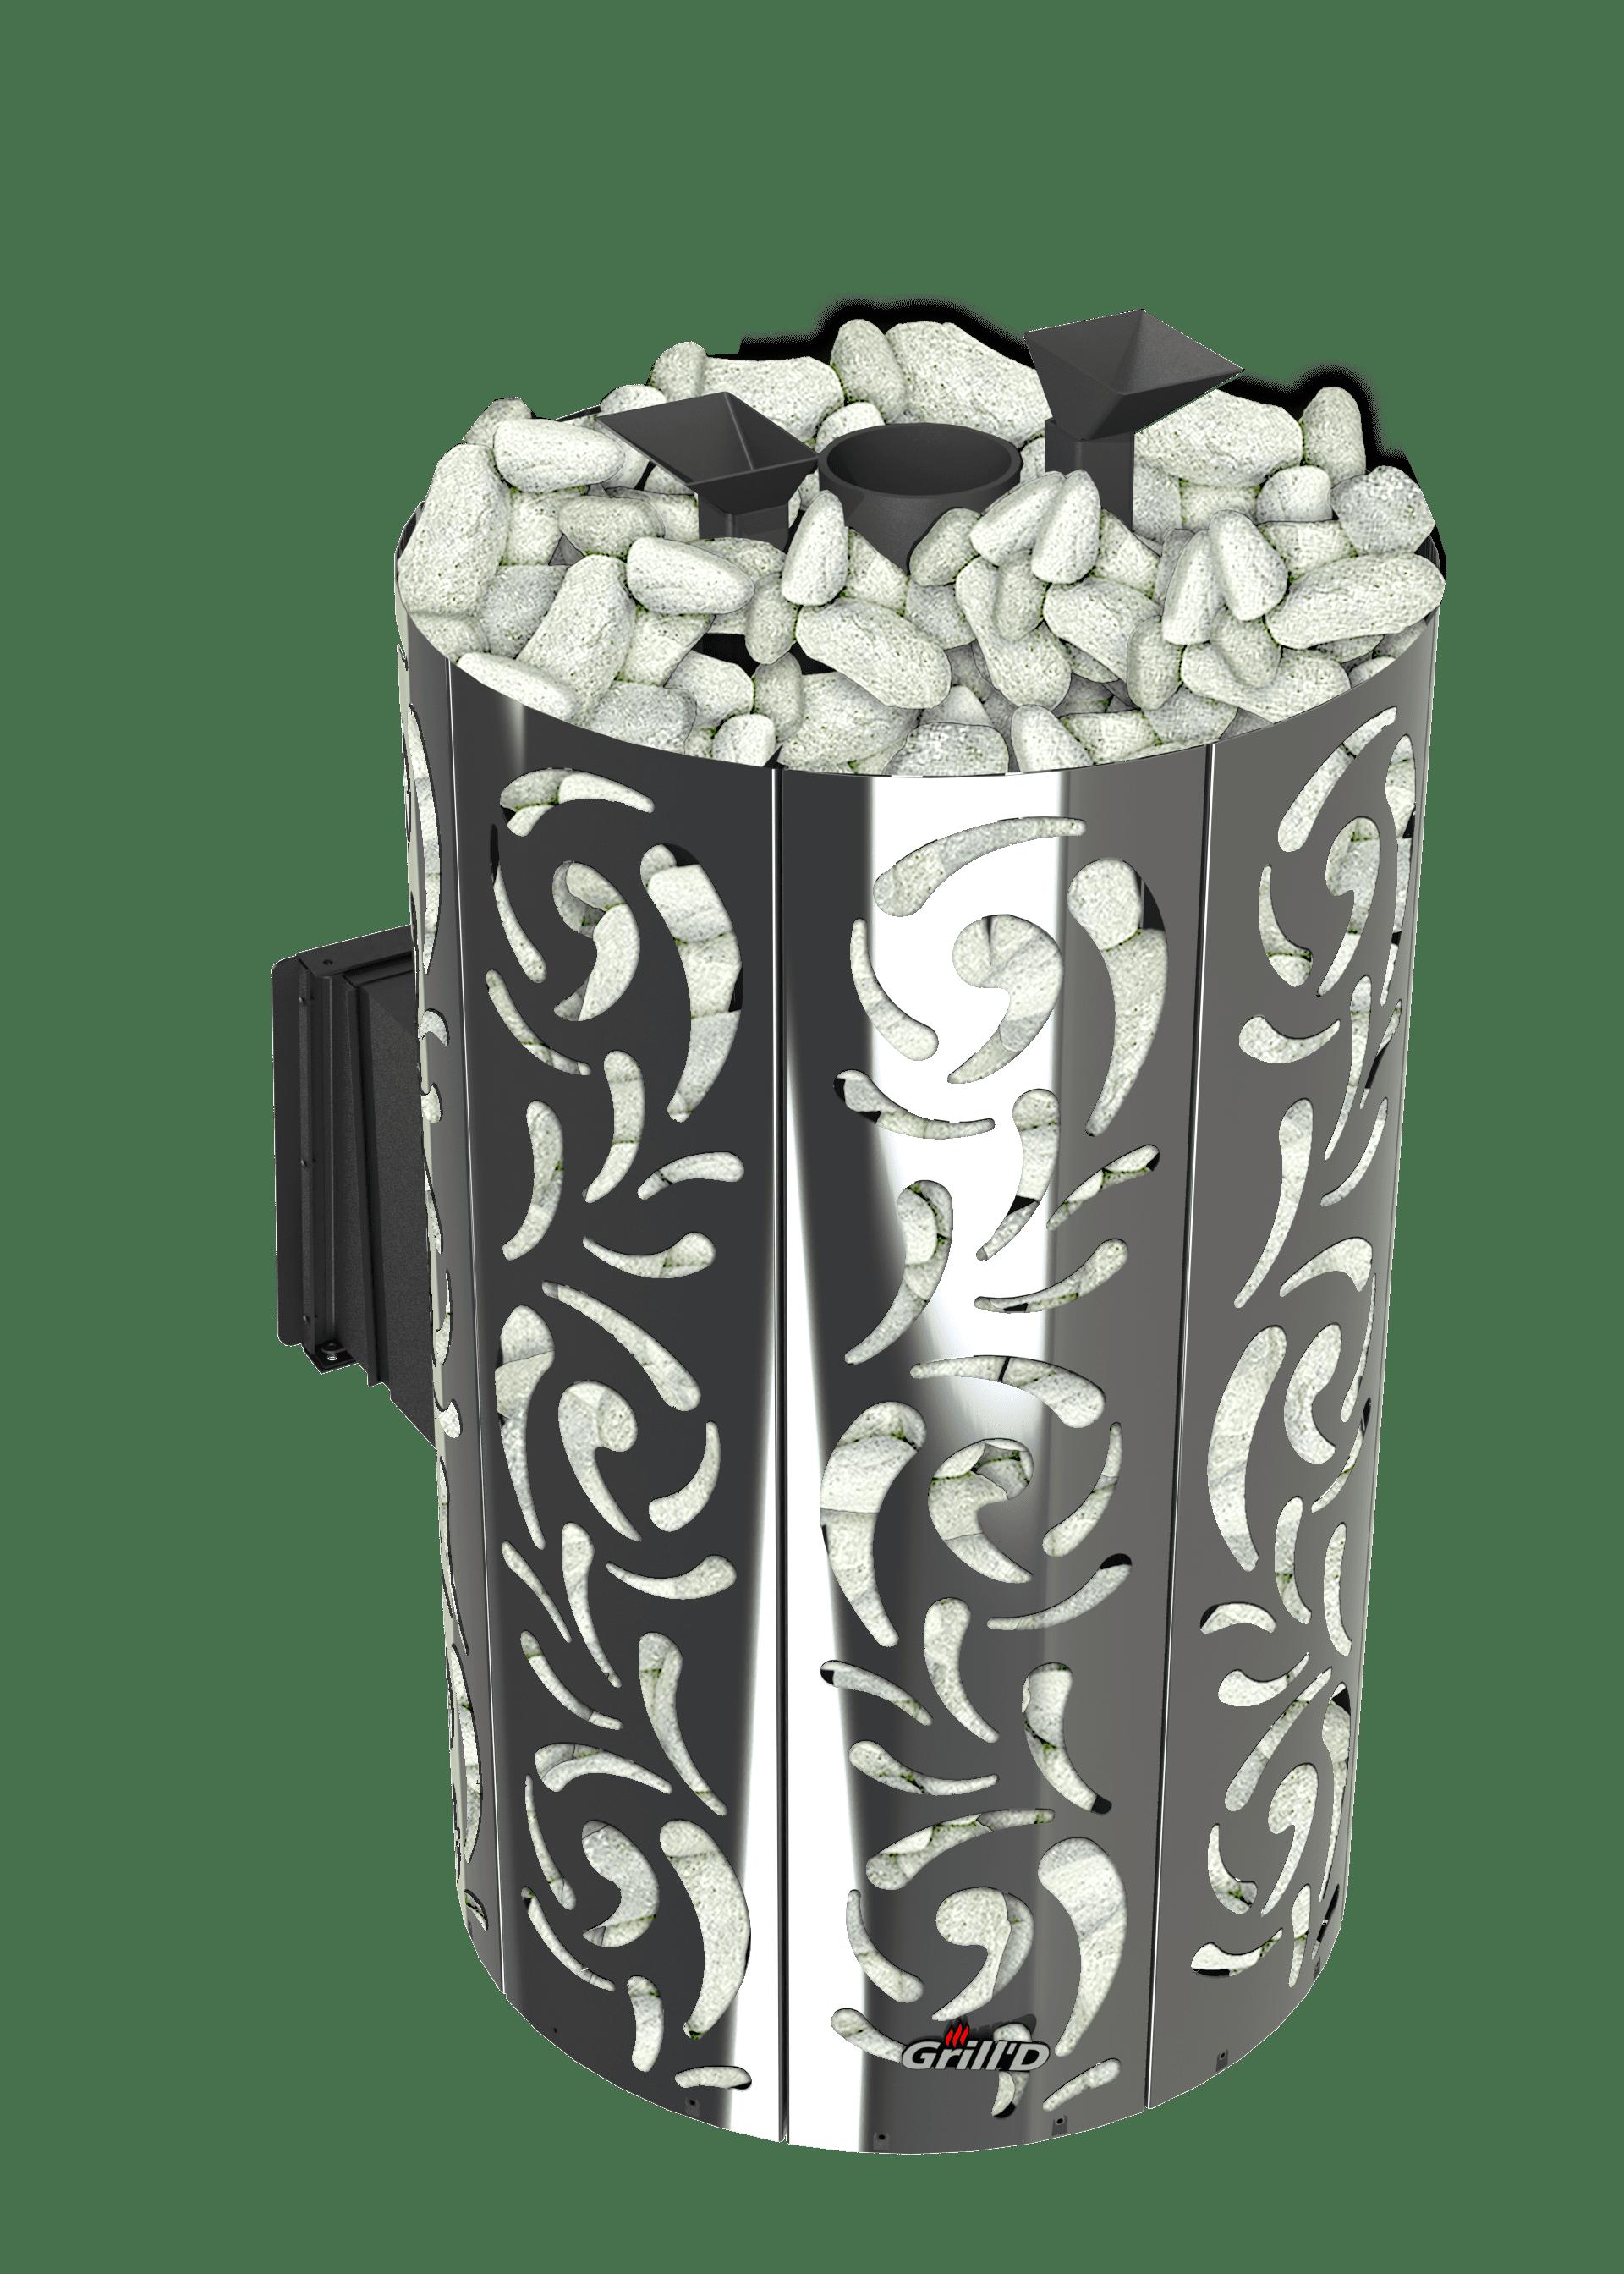 Банная печь Grill'D Violet World Long Window Max (Жадеит 170 кг)